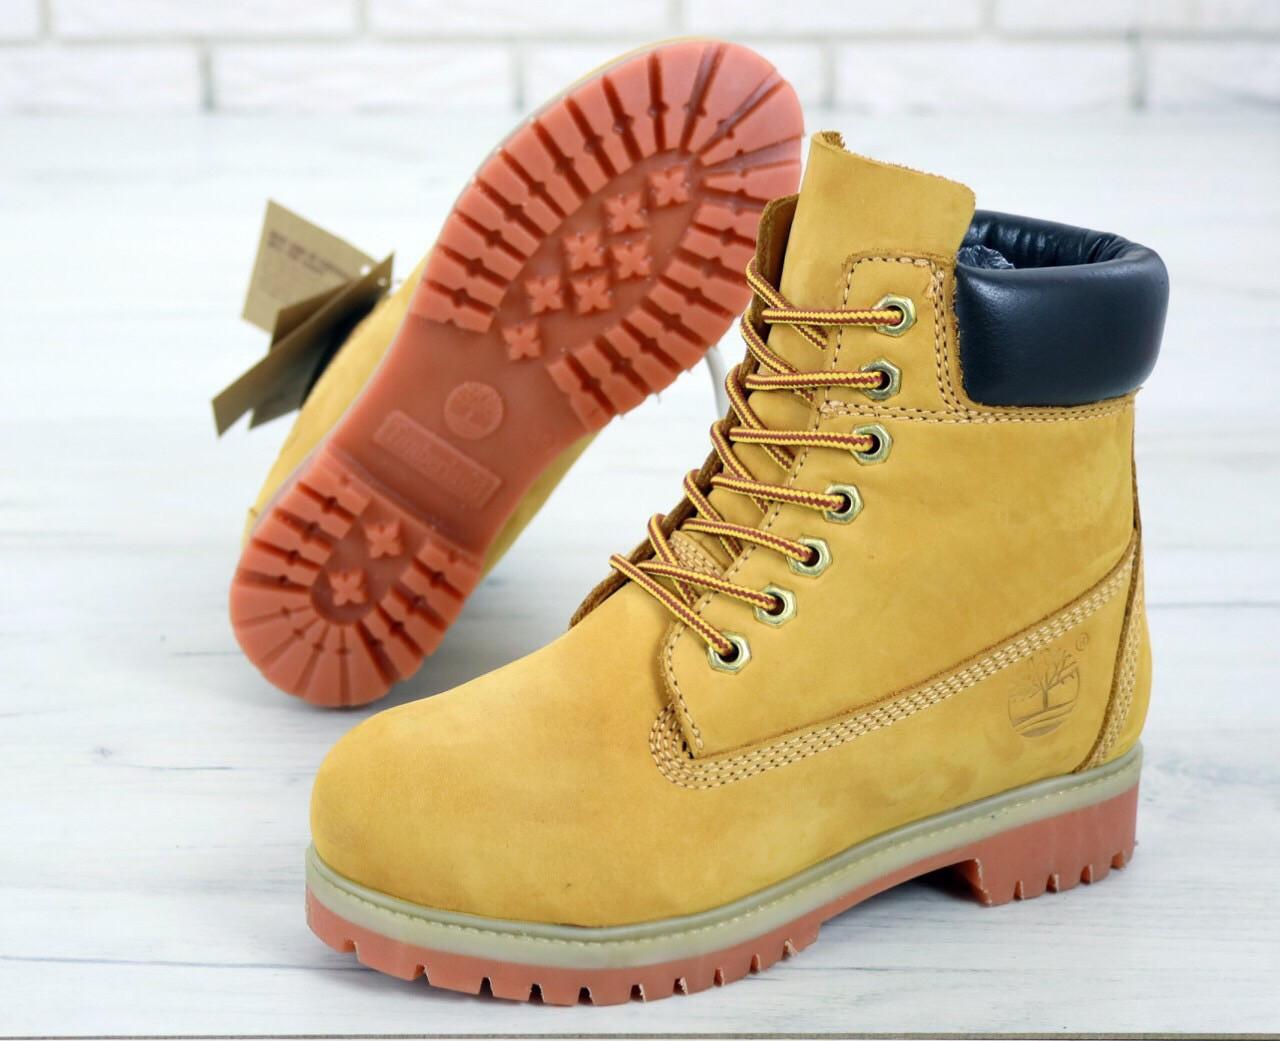 Жіночі черевики шкіряні зимові бежеві Best Vak БЖ-62-505